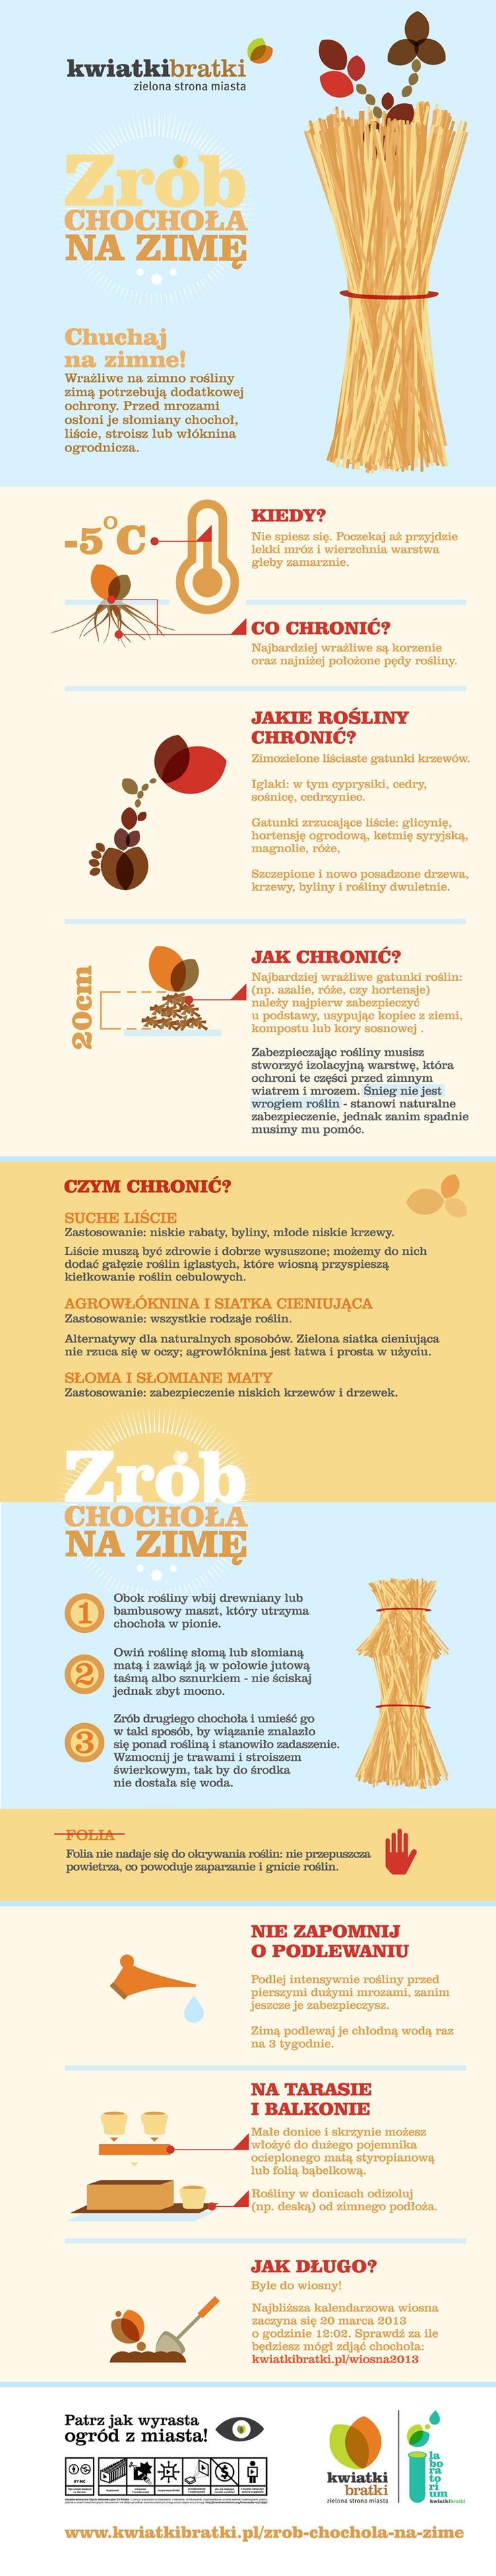 Zrób chochoła na zimę - infografika kwiatkibratki: http://kwiatkibratki.pl/zrob-chochola-na-zime/  Do tego na #cc